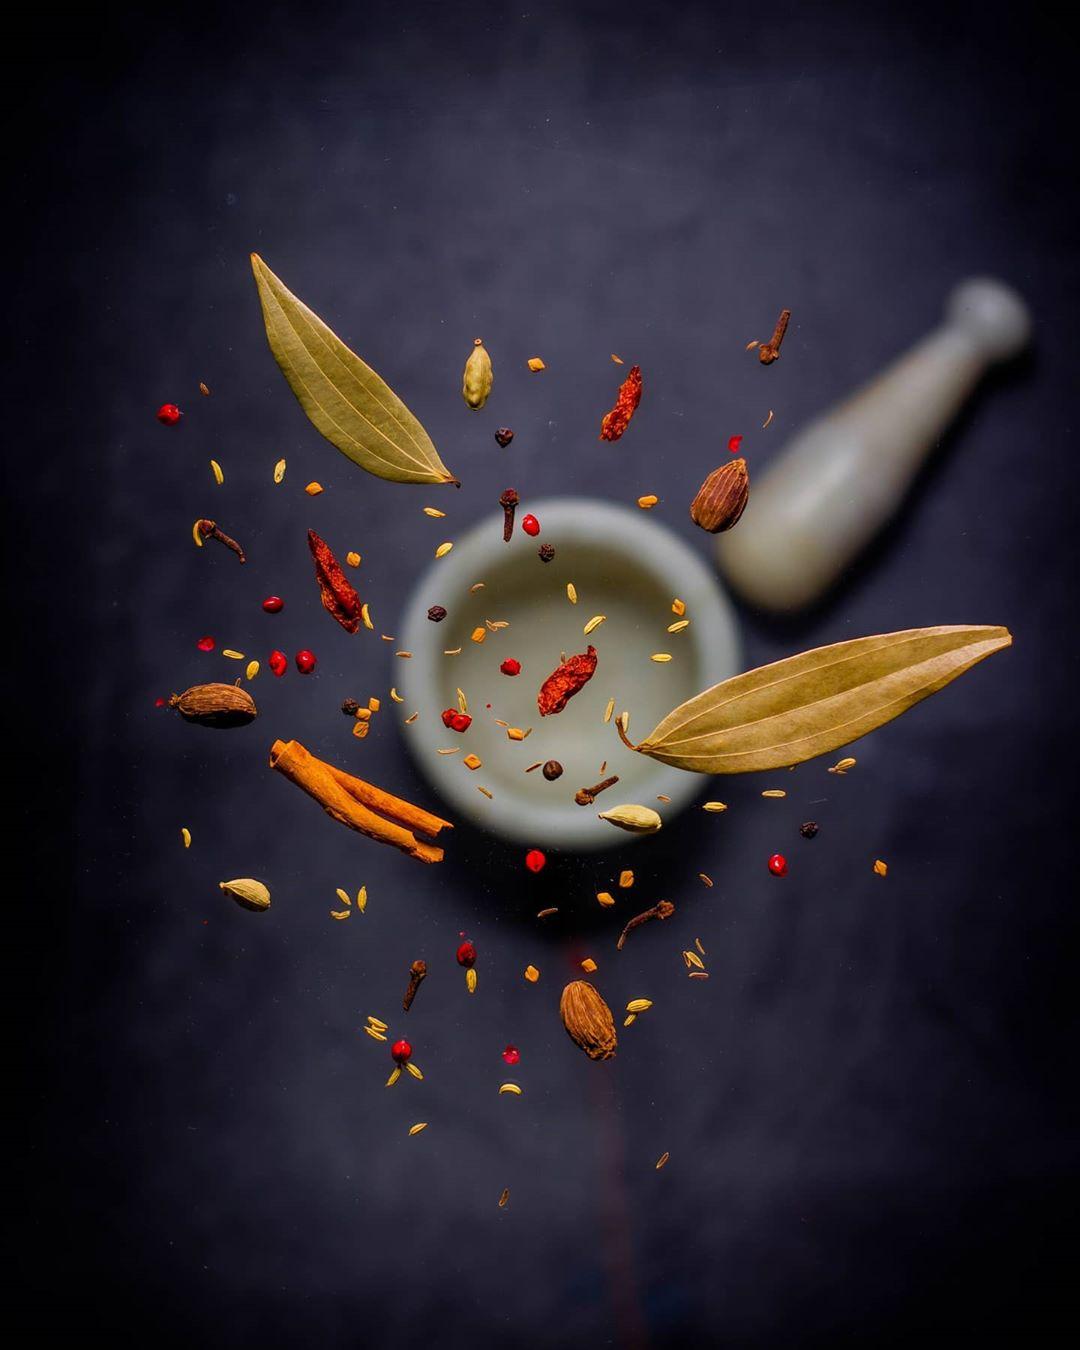 Levitando especiarias sobre o almofariz e o pilão flutuando no tutorial de fotografia de alimentos